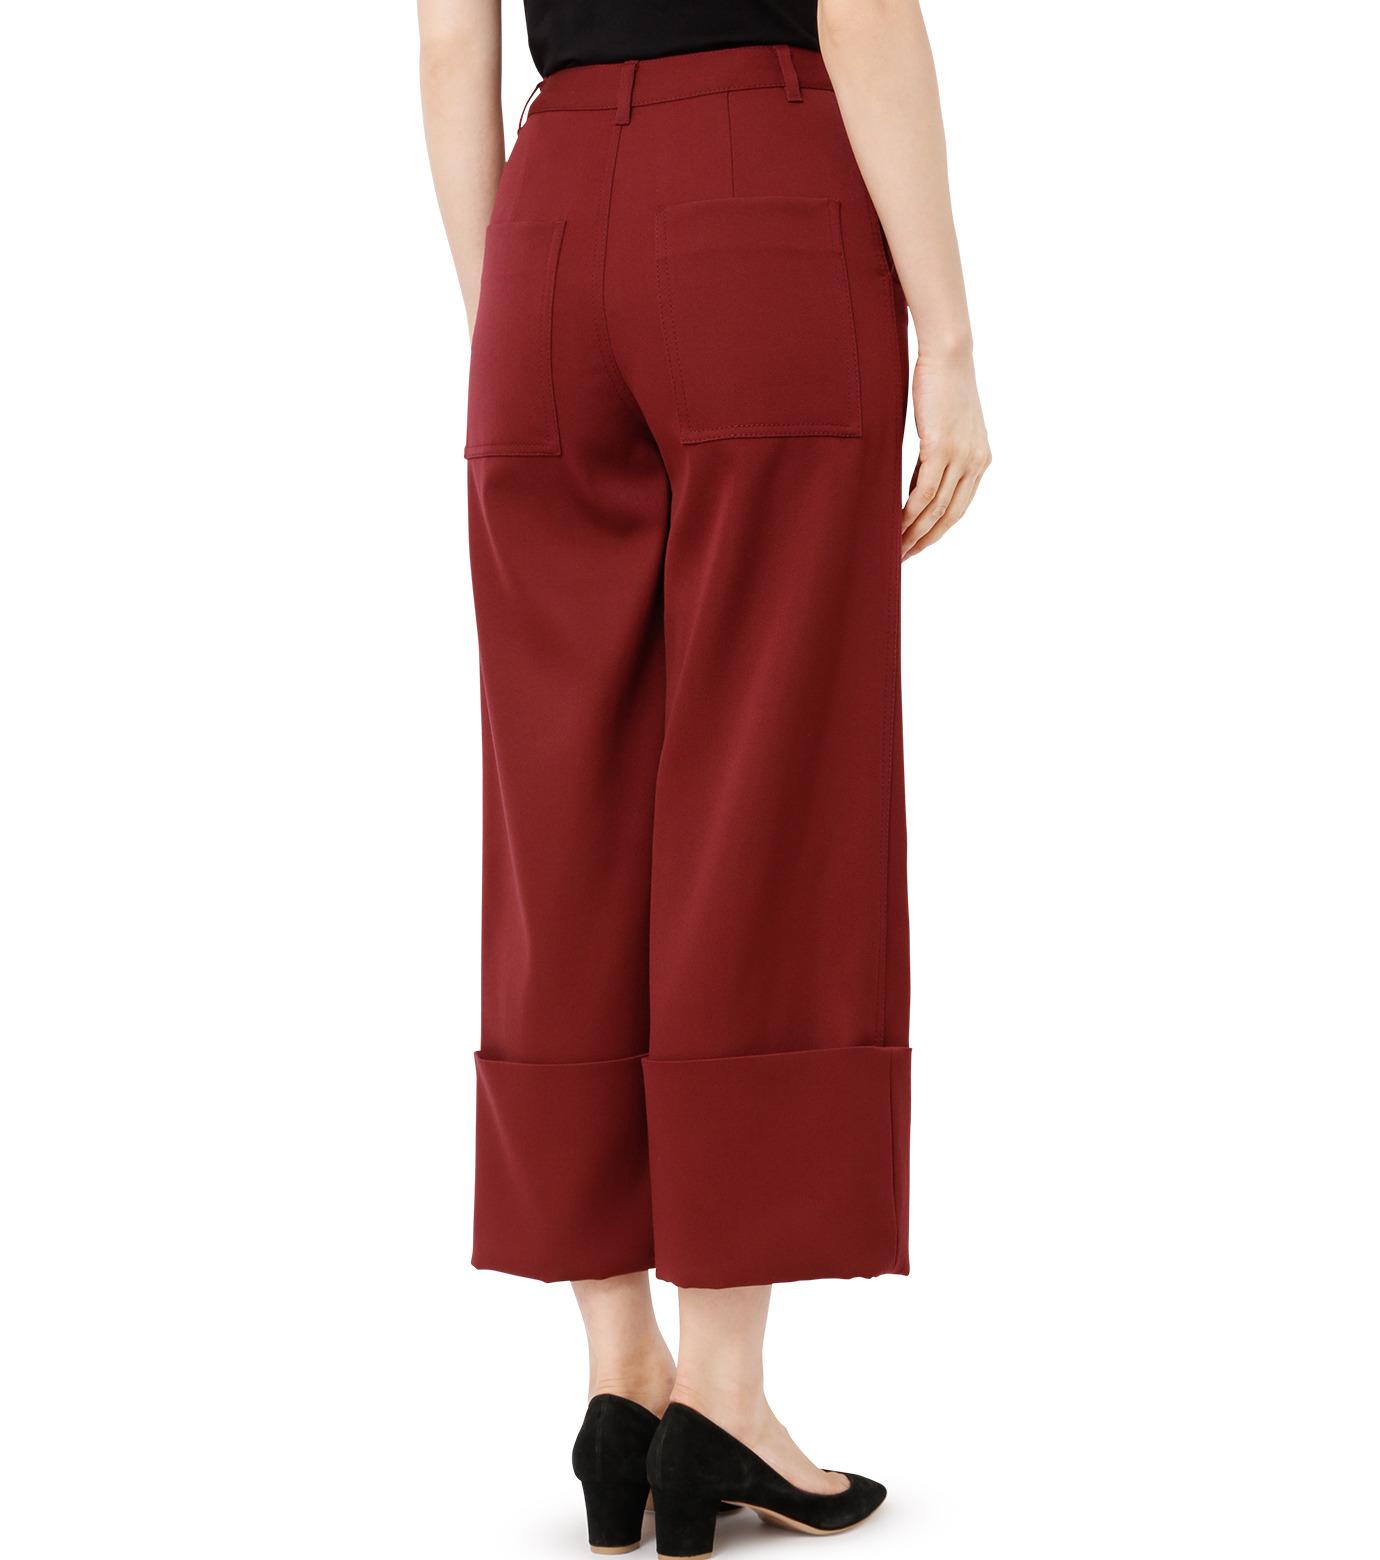 LE CIEL BLEU(ルシェルブルー)のWクローズフォールドバックパンツ-BORDEAUX(パンツ/pants)-18A68302 拡大詳細画像2